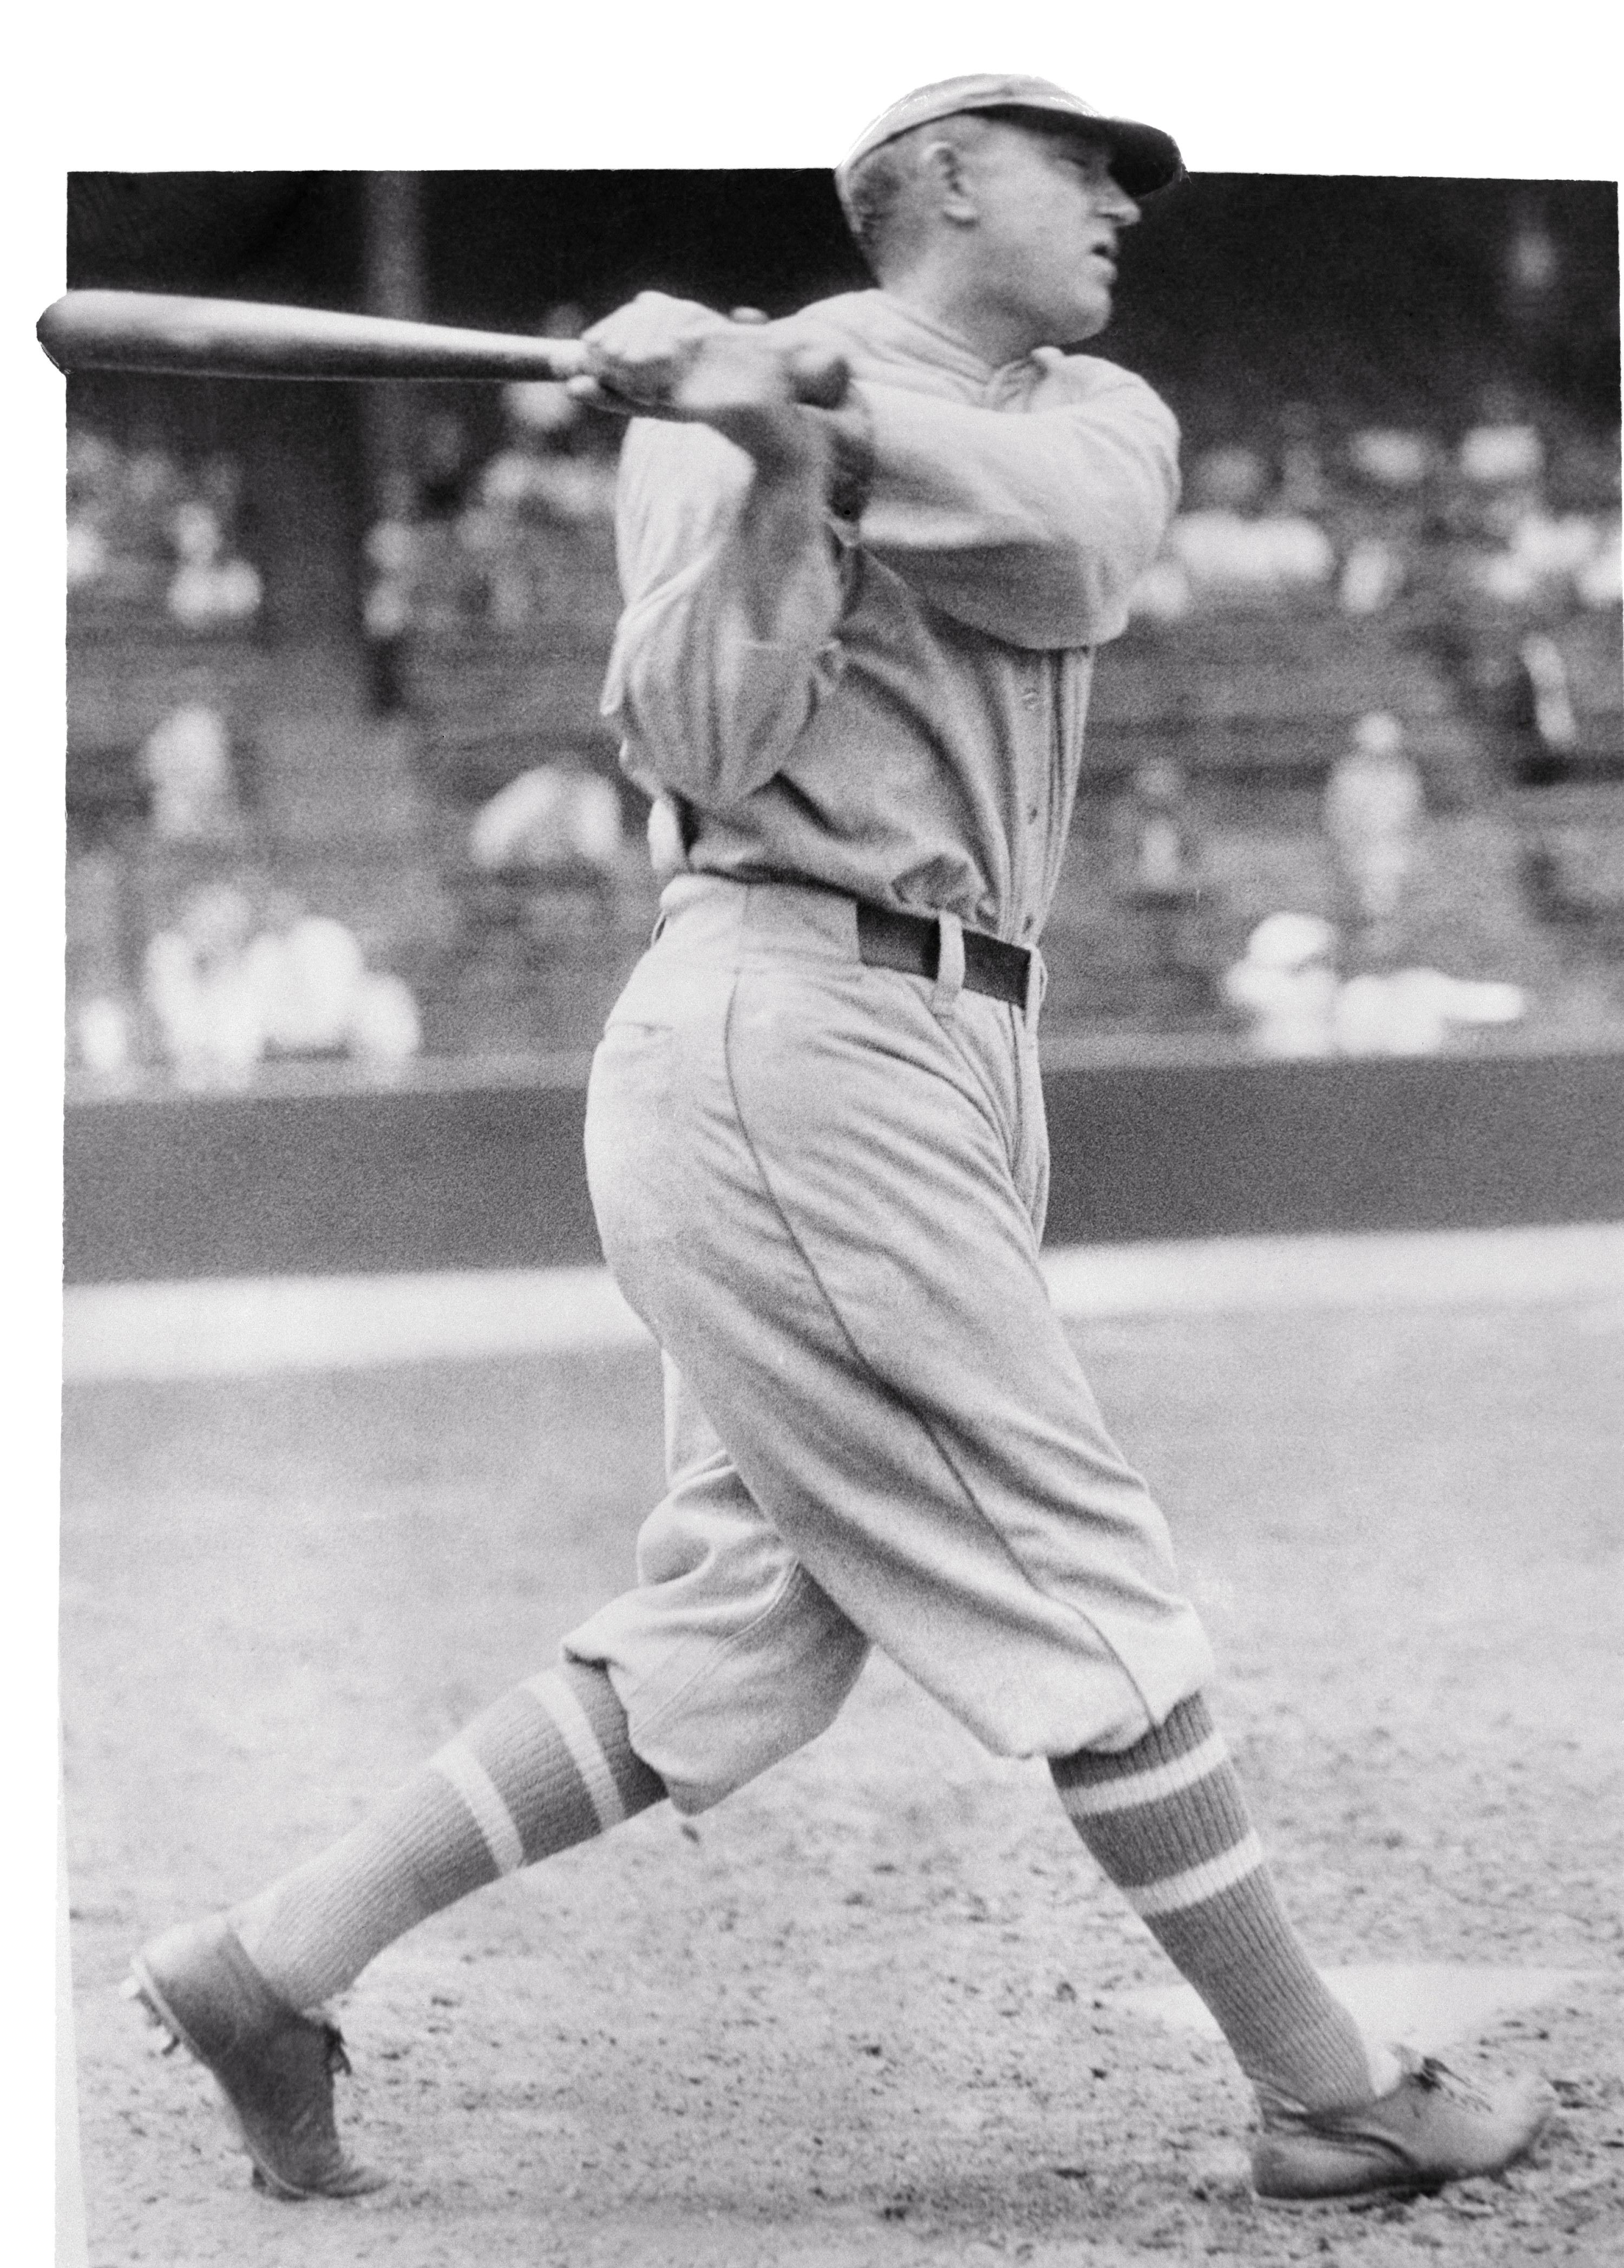 Ty Cobb swinging a bat